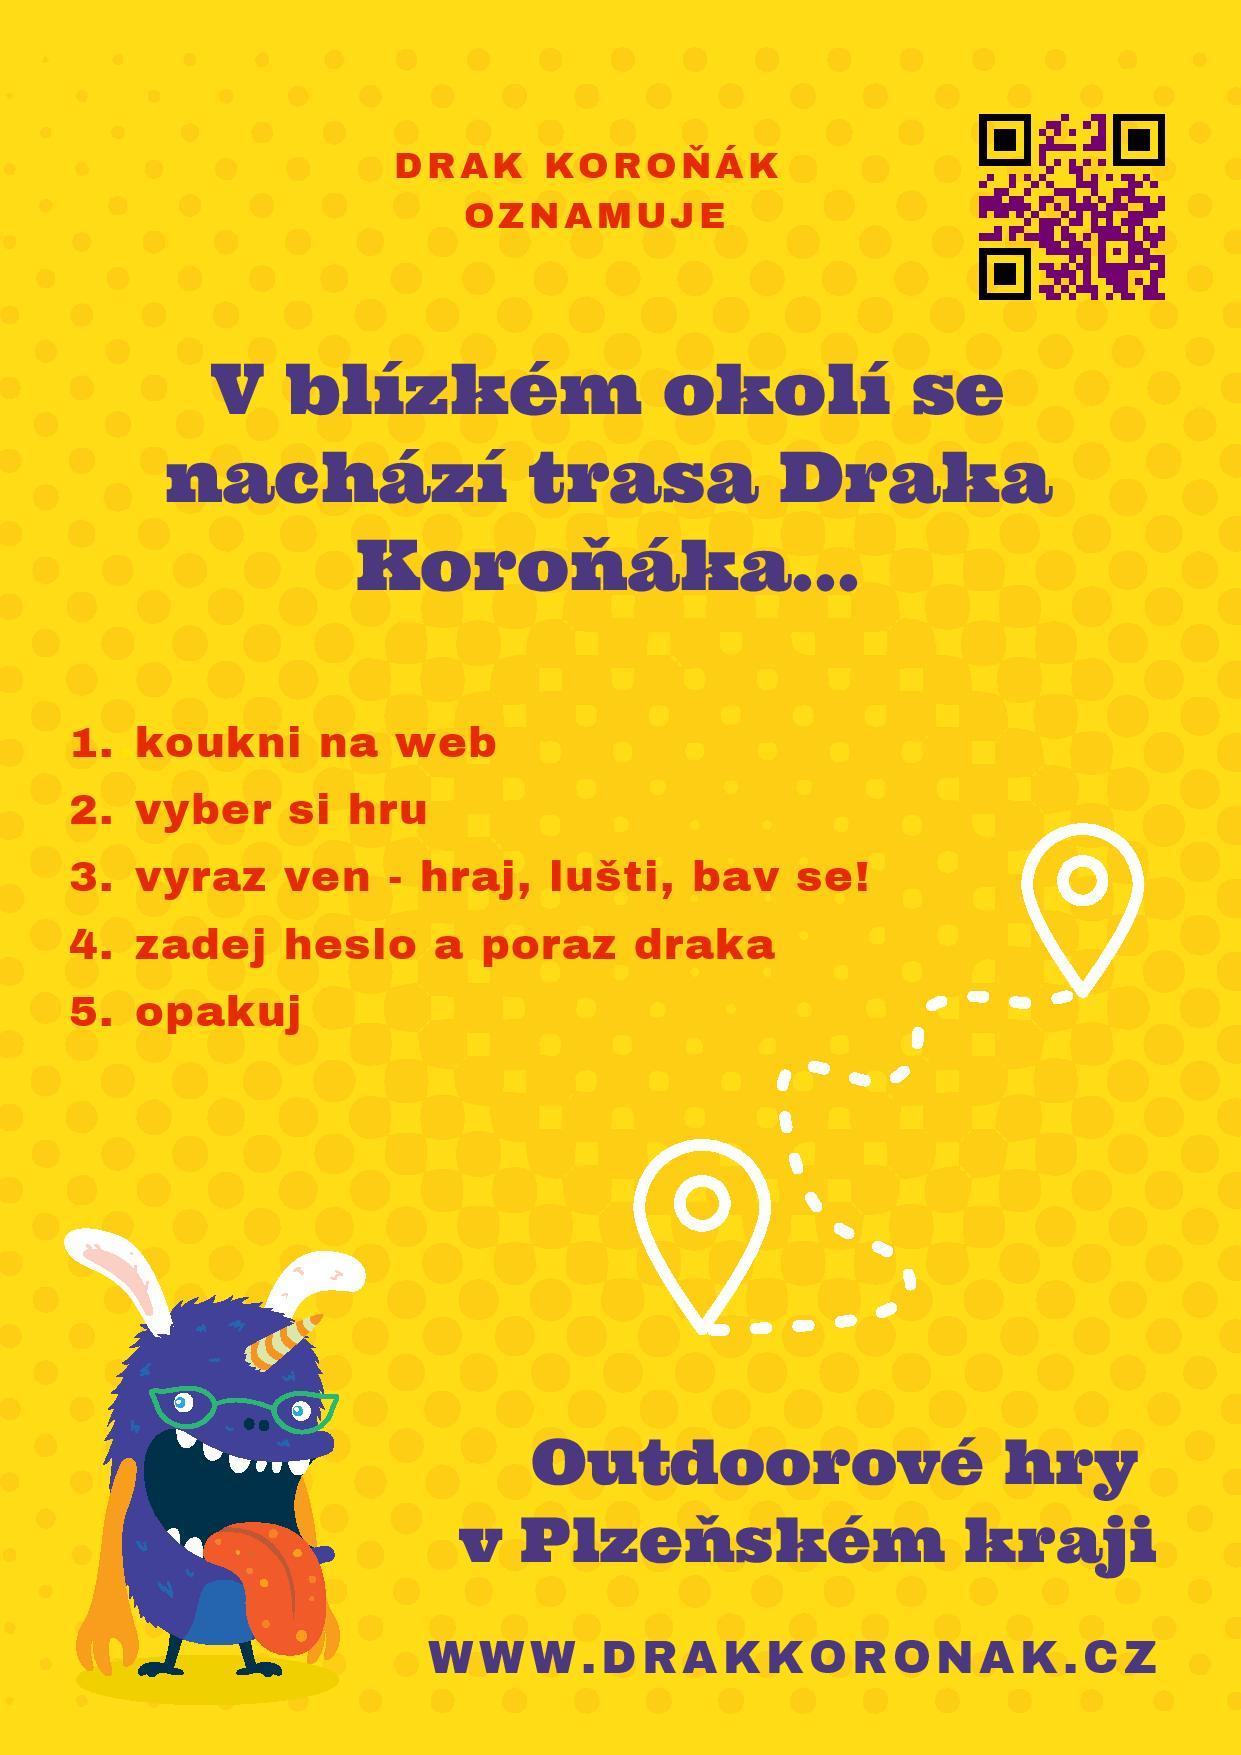 A4_blizke_okol-page-001